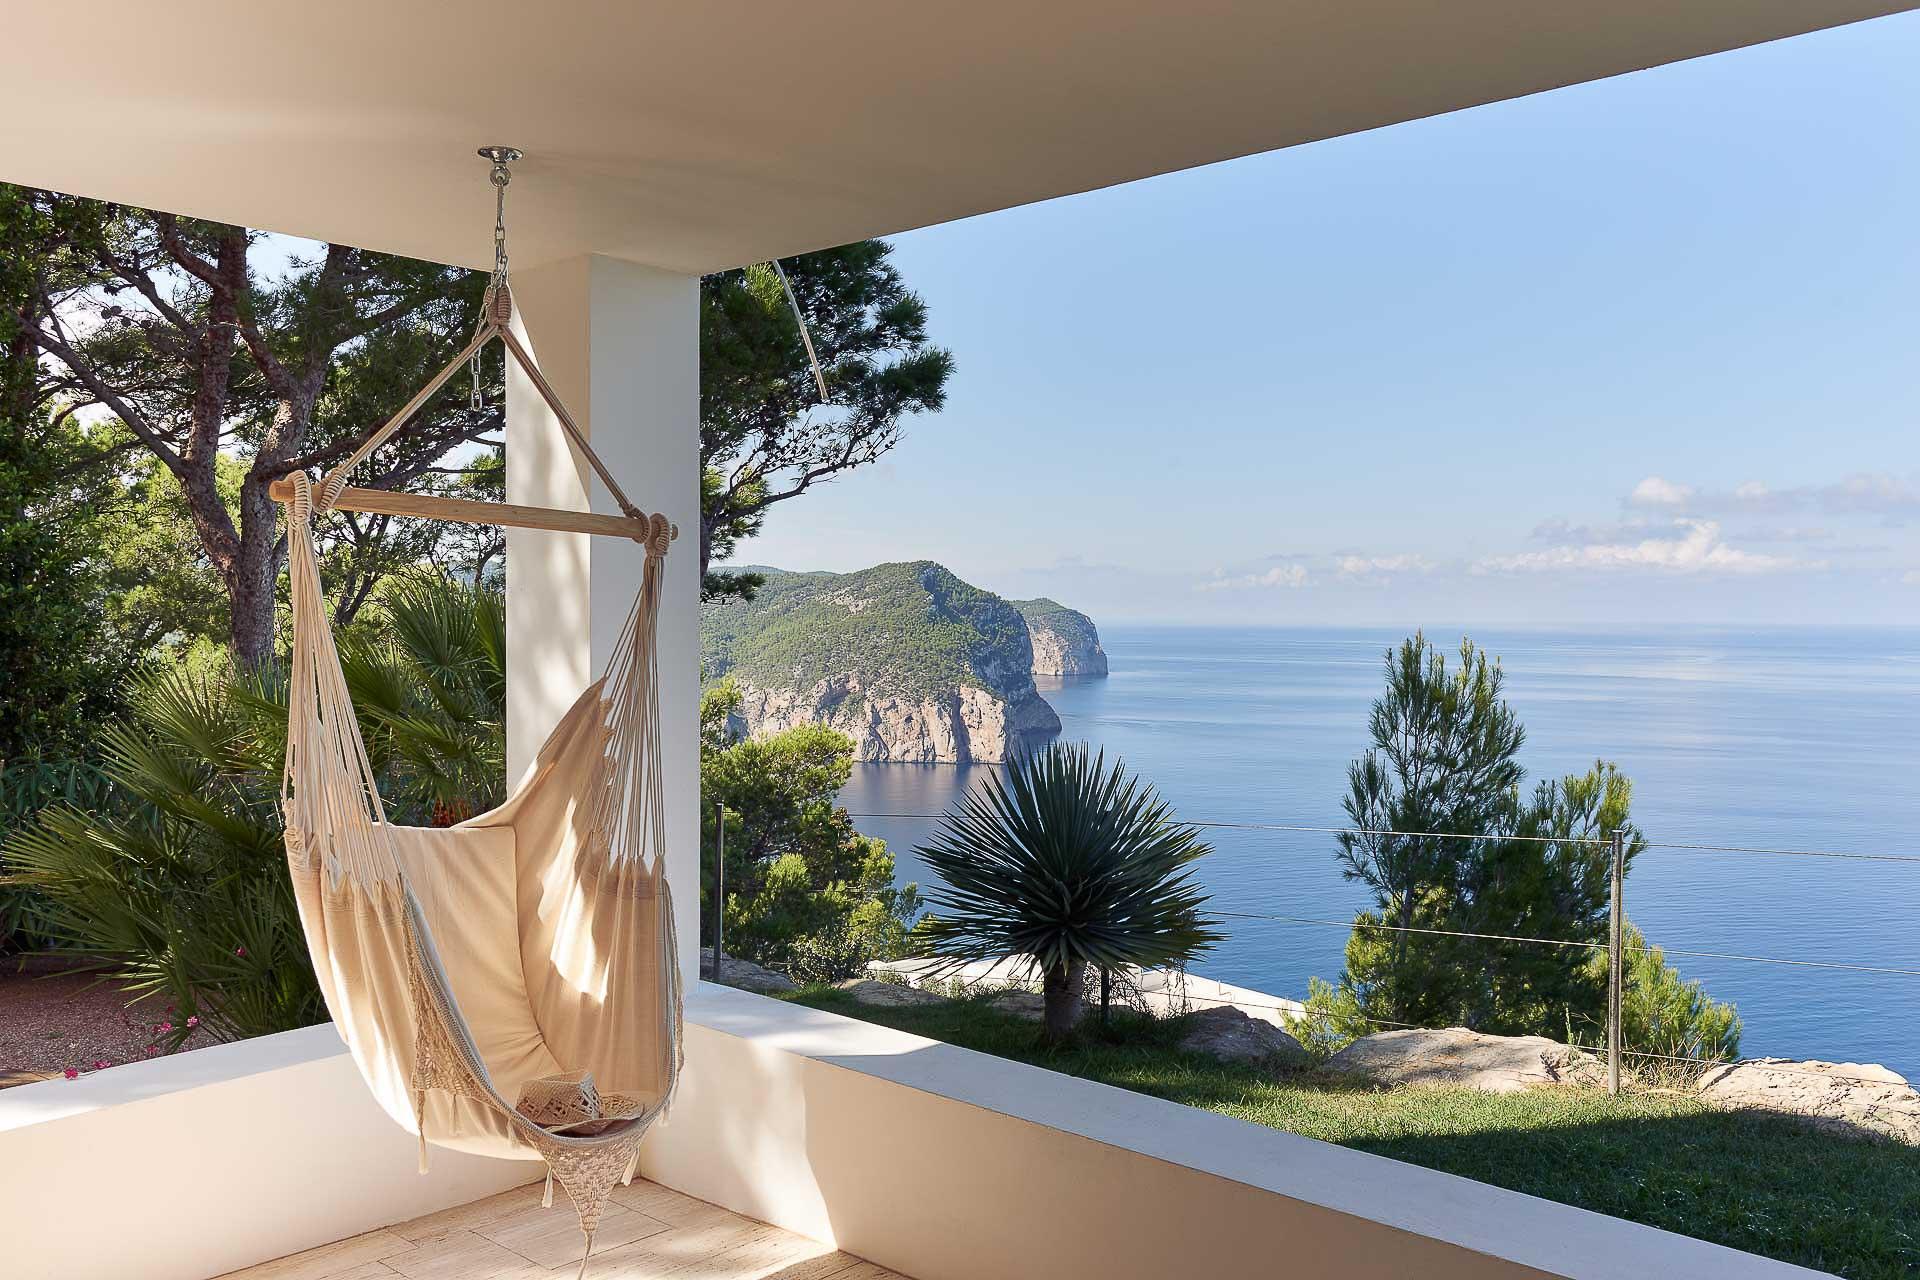 On quitte un instant l'univers hôtelier pour vous suggérer cinq villas et maisons d'exception sur les îles d'Ibiza et de Formentera, deux destinations parmi les plus prisées de la Méditerranée pendant l'été. Découverte en images.